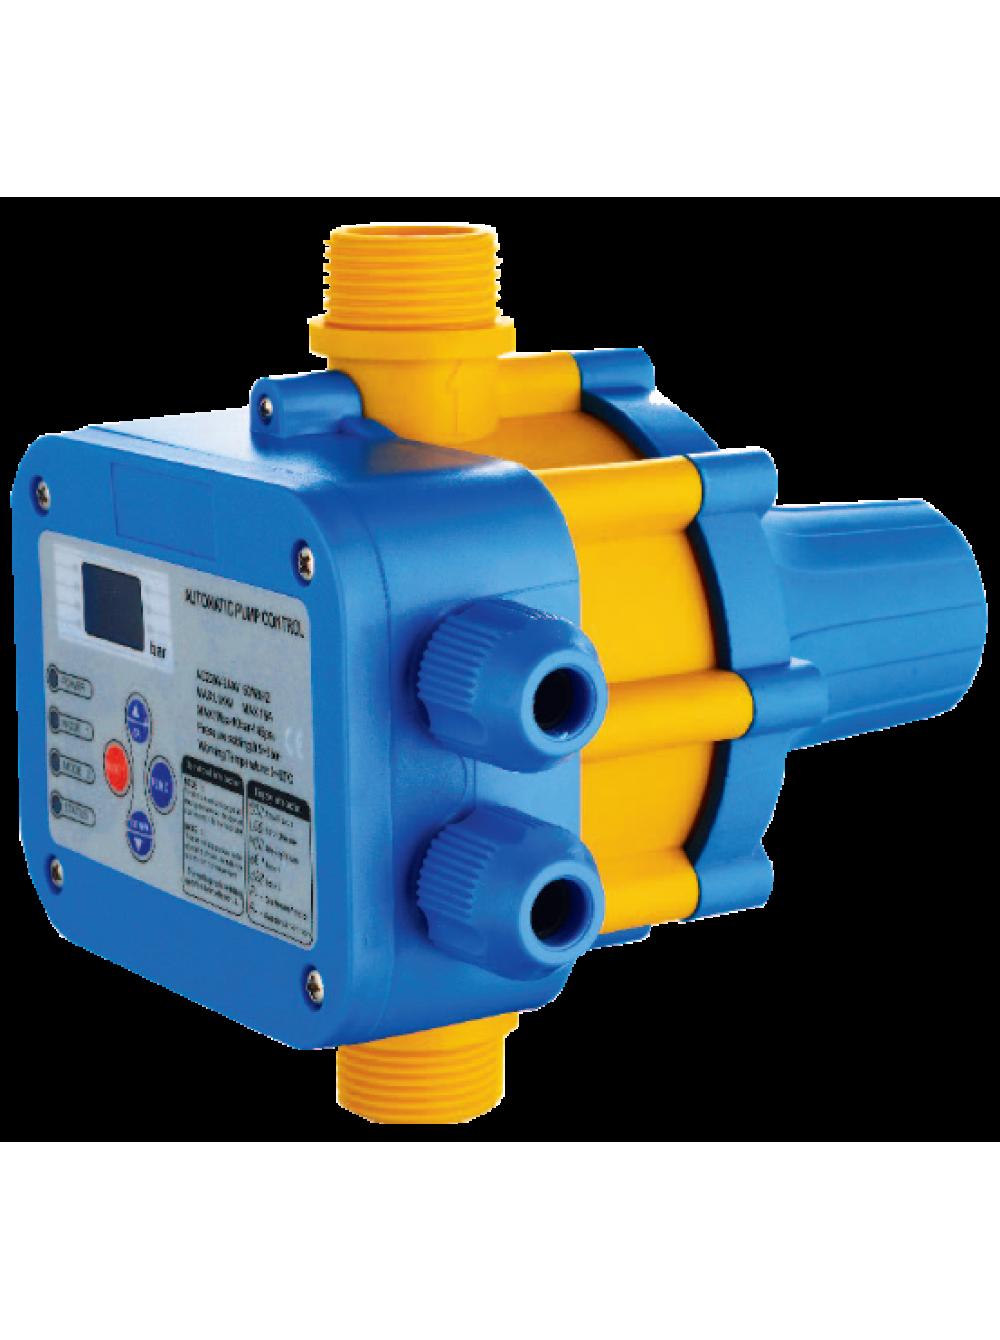 Электронный контролер давления Euroaqua SKD-8 цена